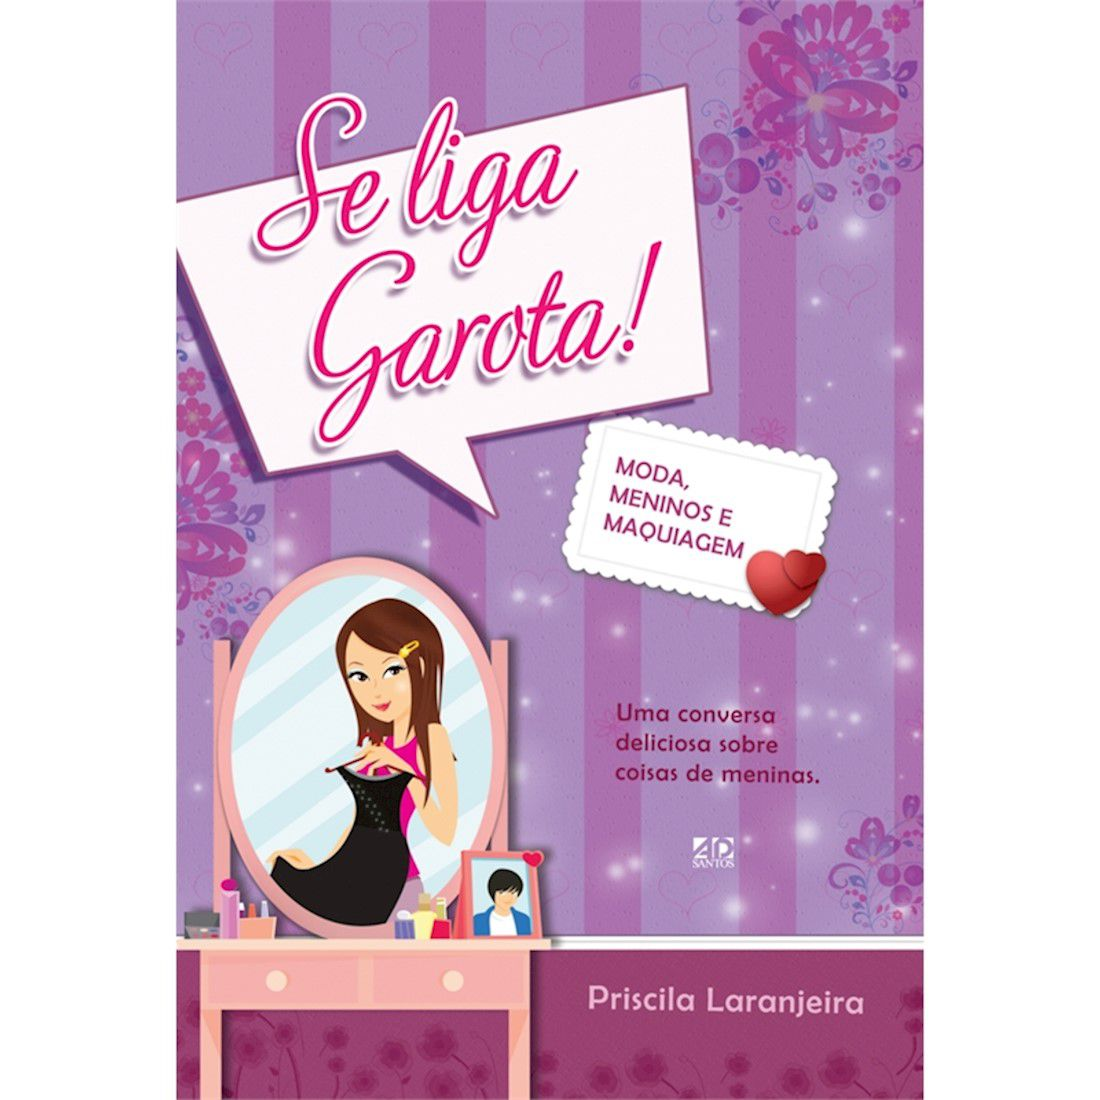 Livro Se Liga, Garota! - Moda, Meninos e Maquiagem - Vol. 2